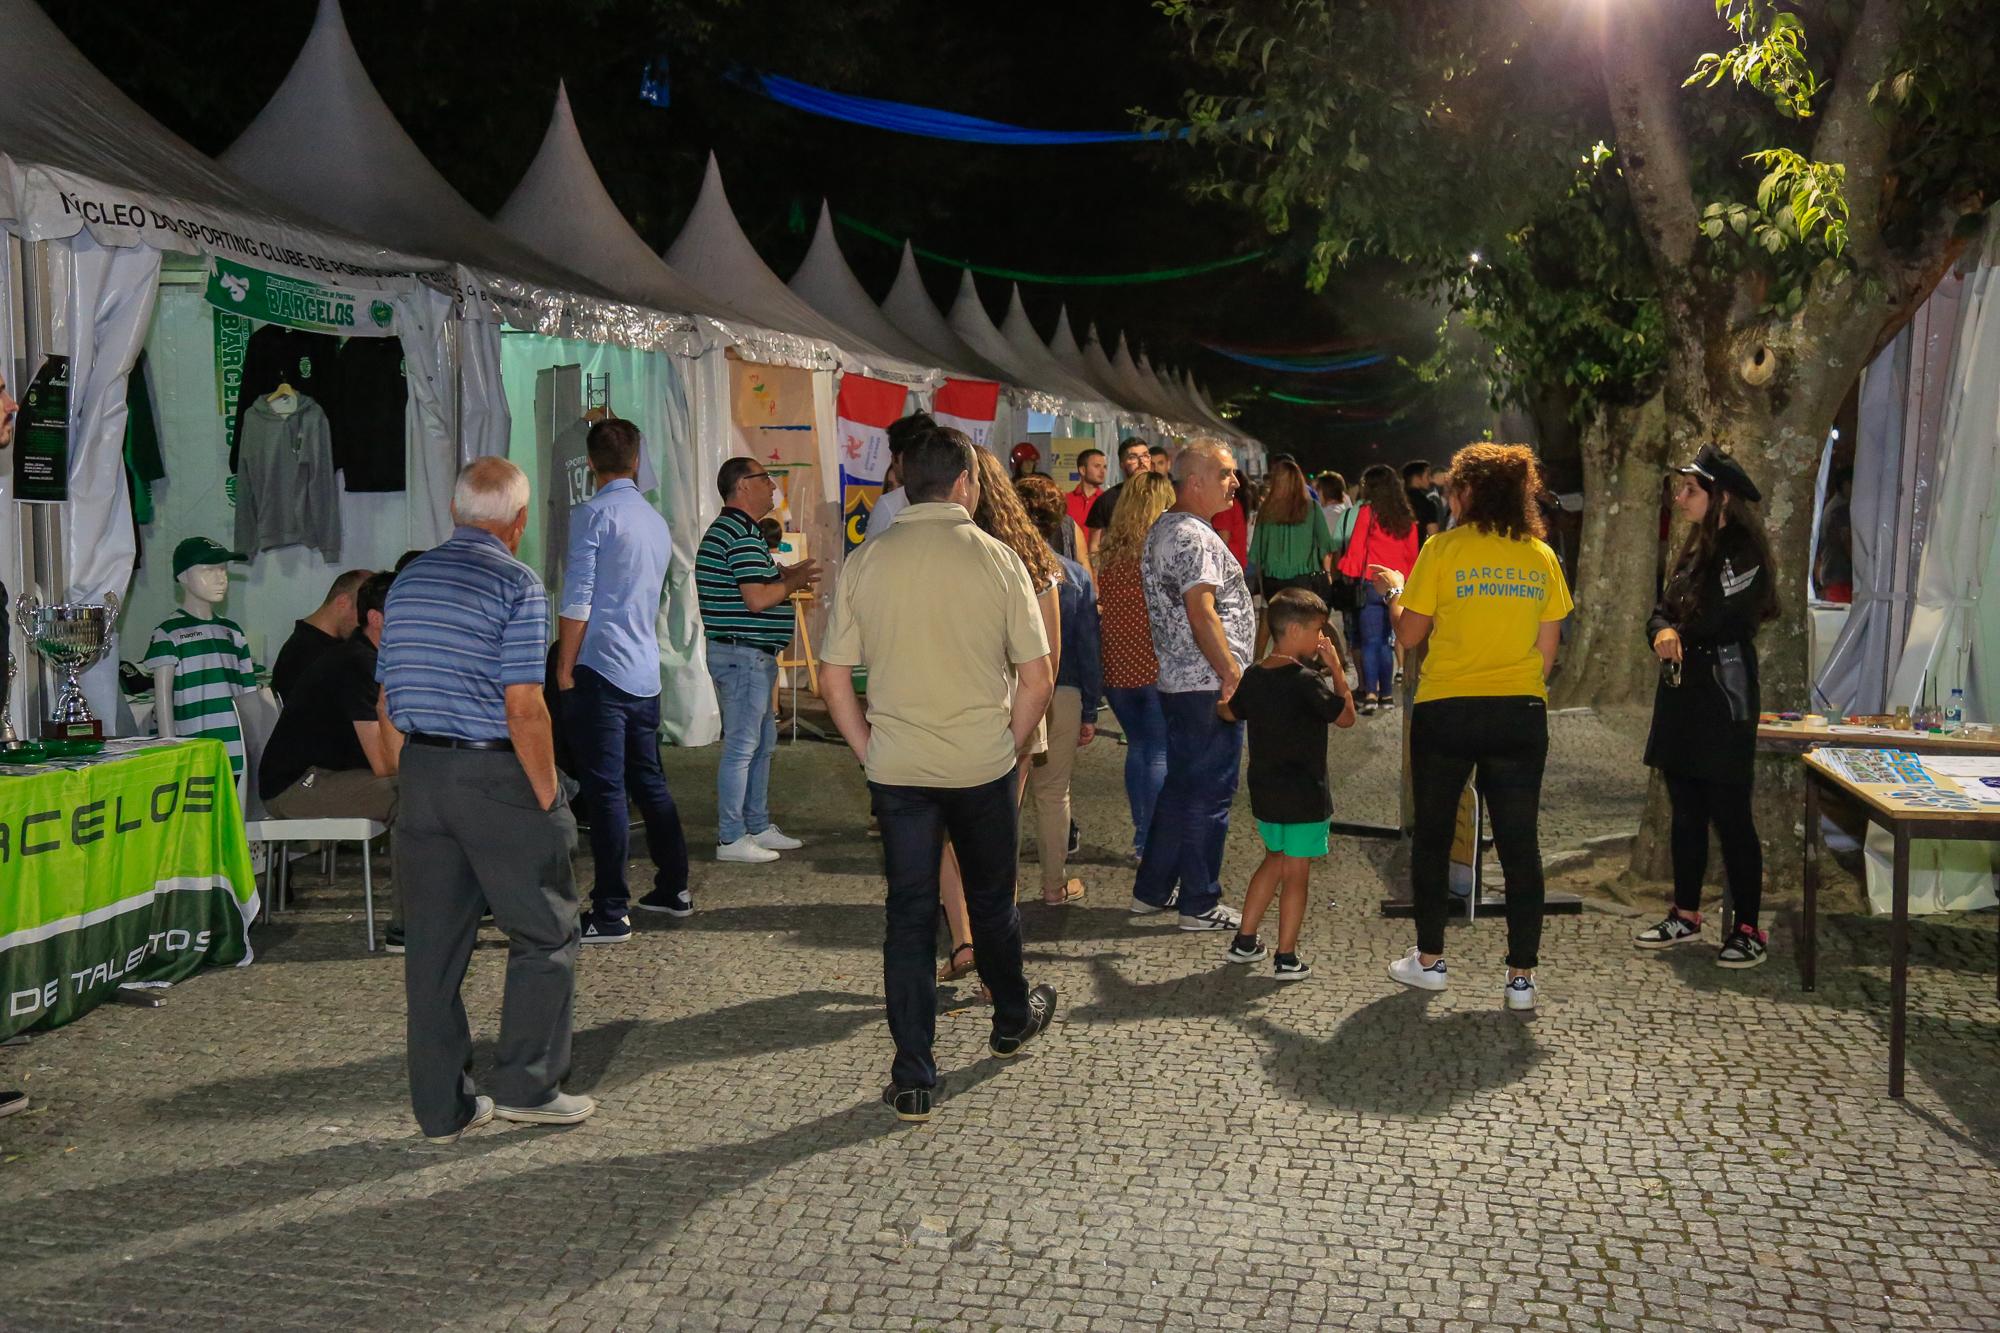 Festa da Juventude e Mostra Urbana estão de regresso à Alameda das Barrocas